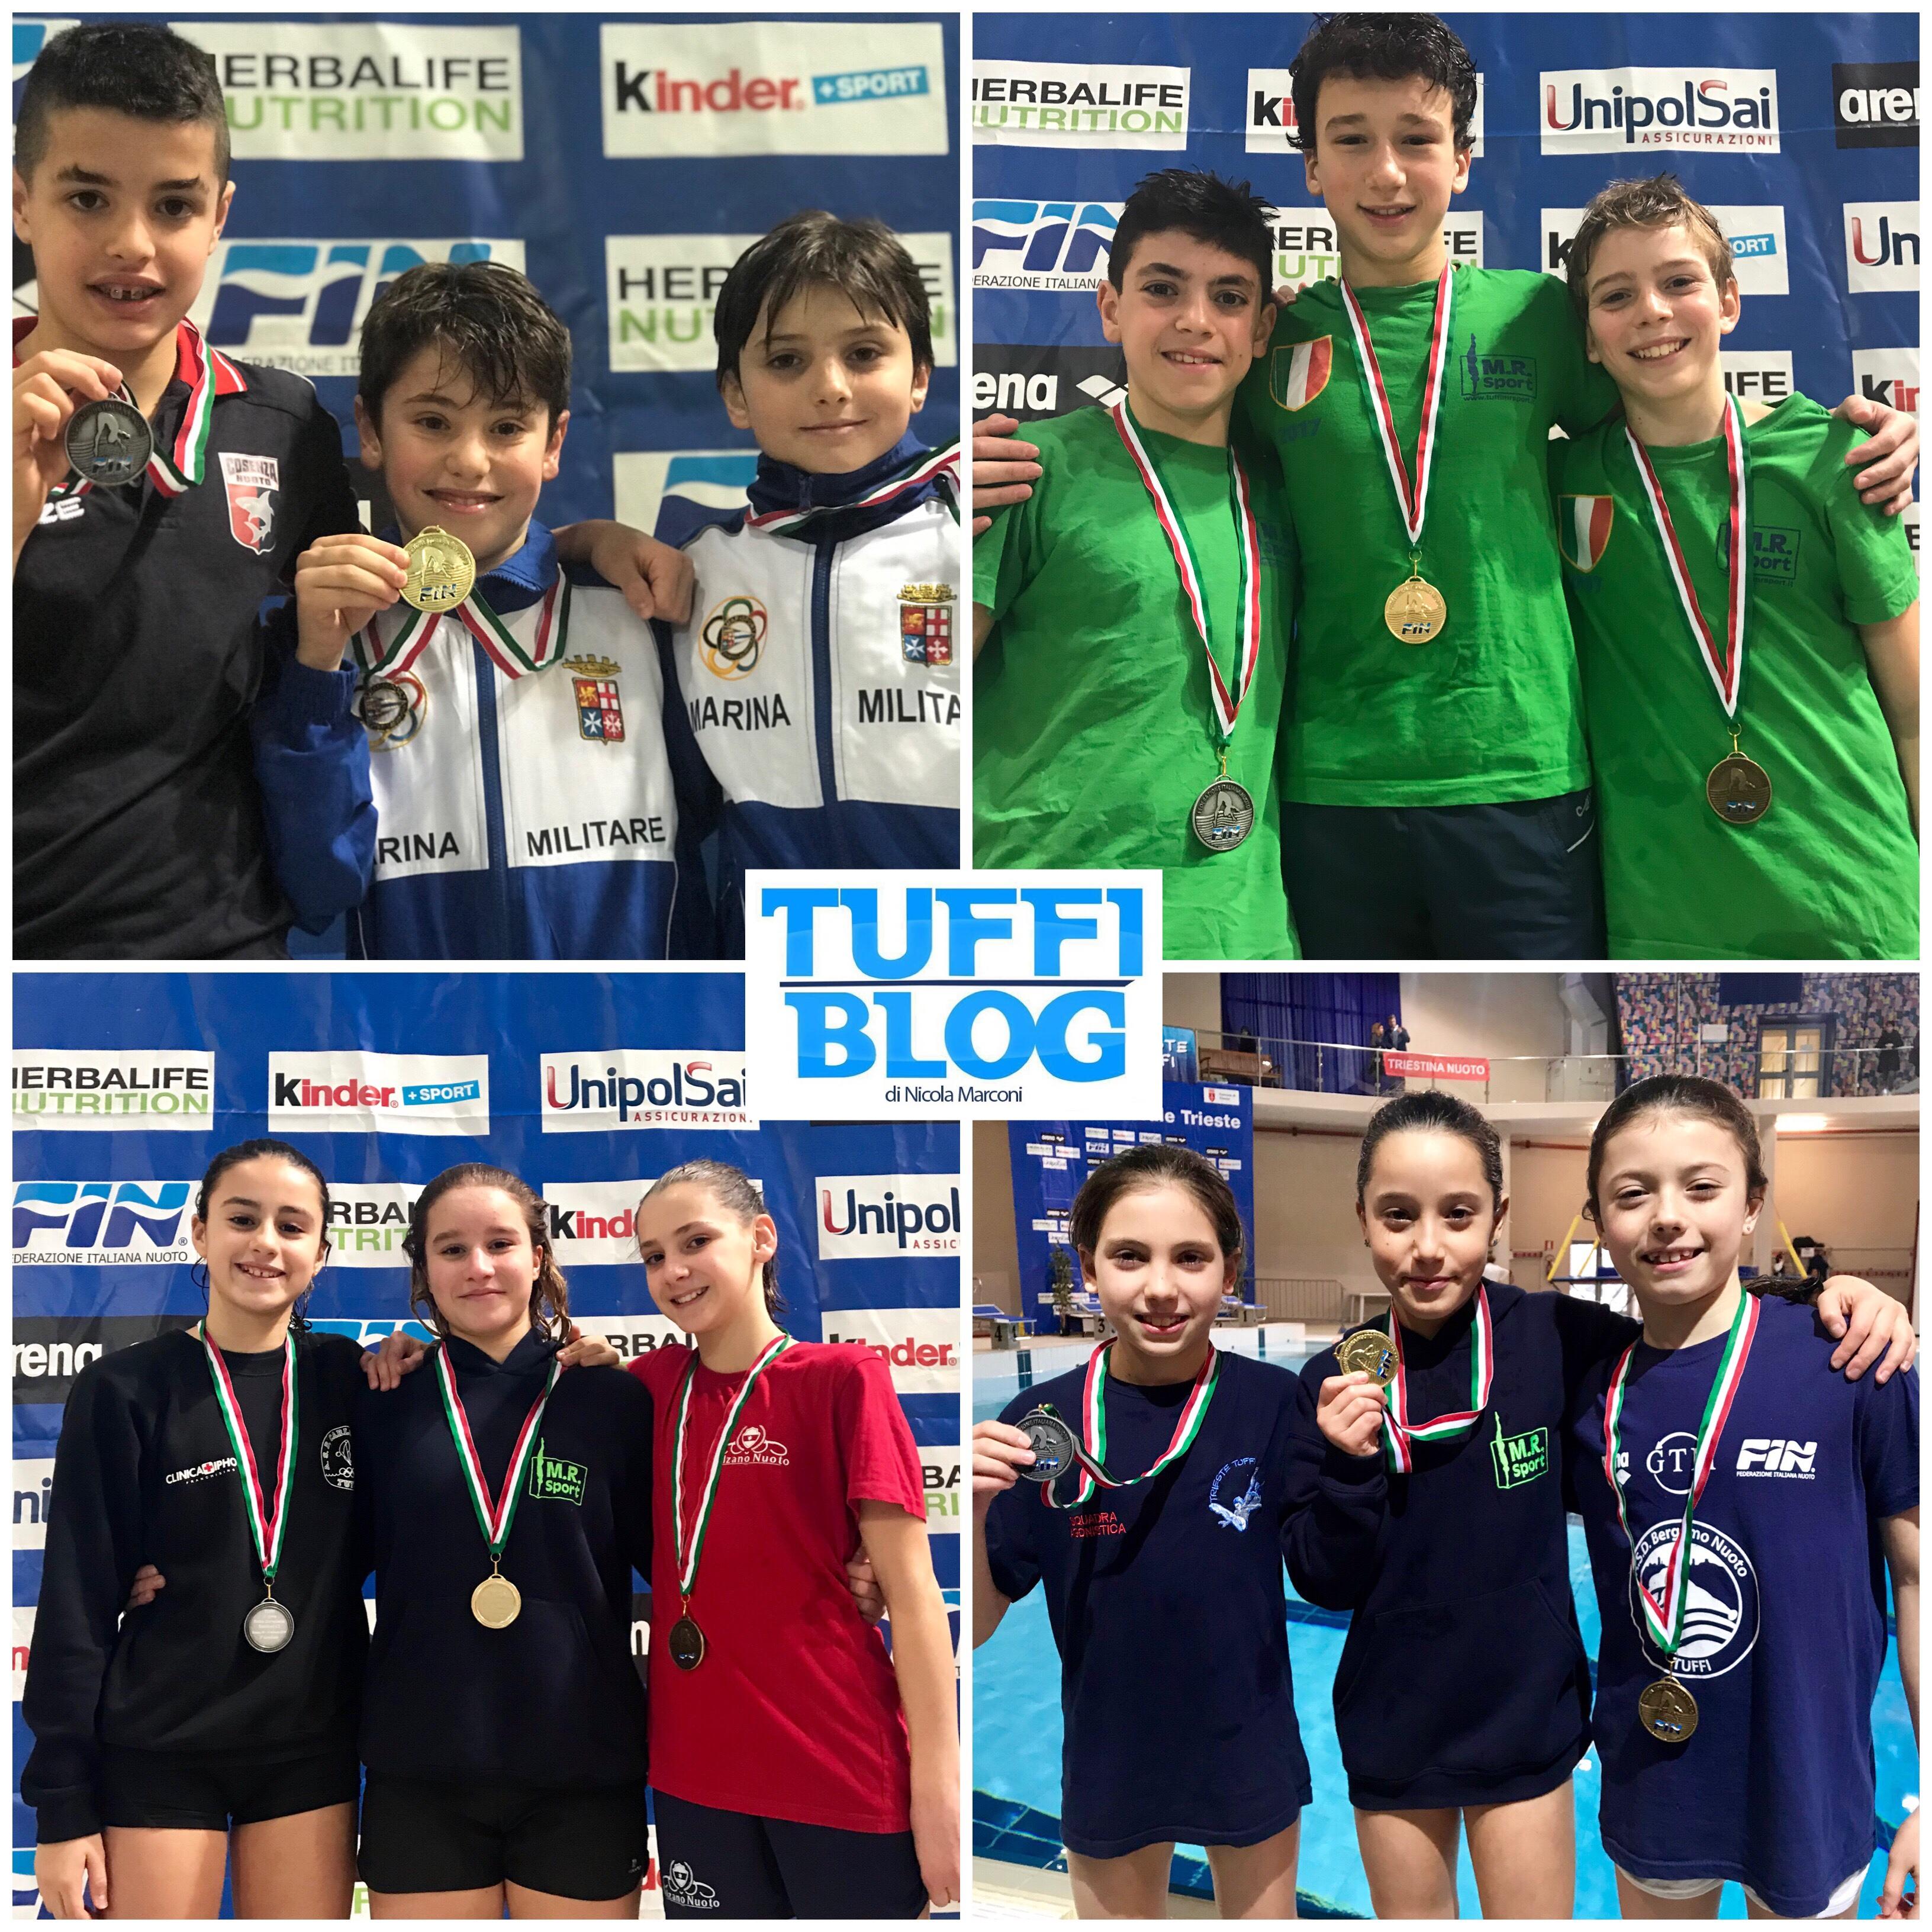 Prima Prova Nazionale Giovanissimi: Trieste - terza giornata, tutti i risultati